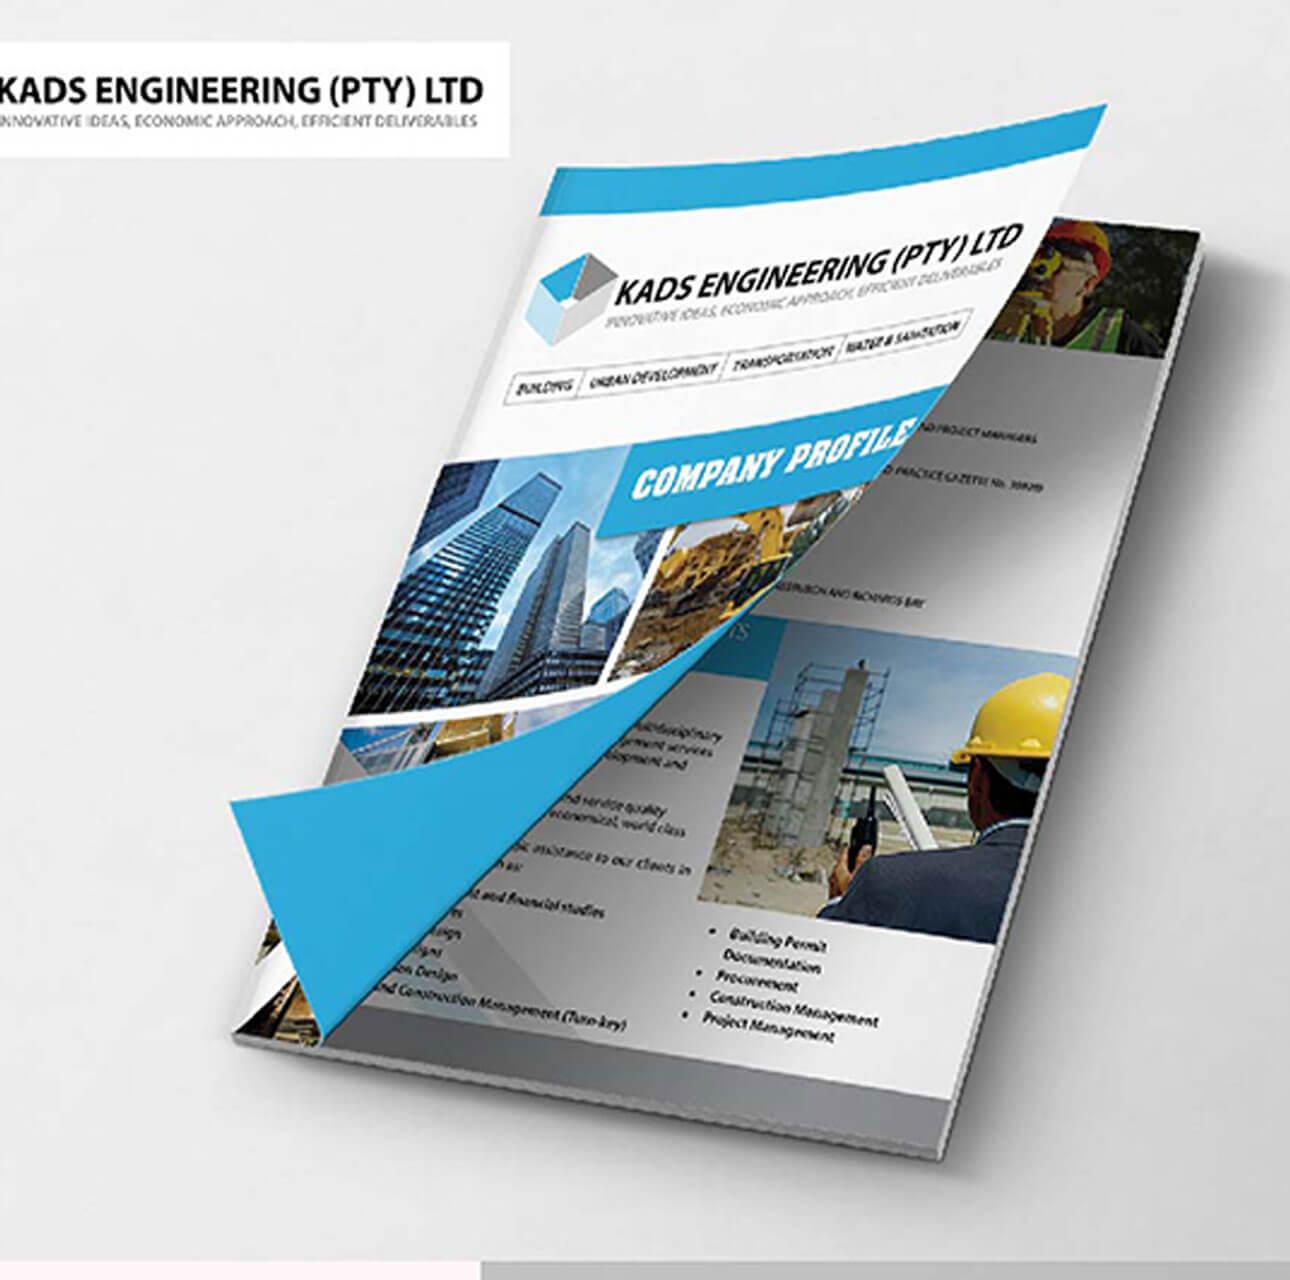 G6-Company-profile-design